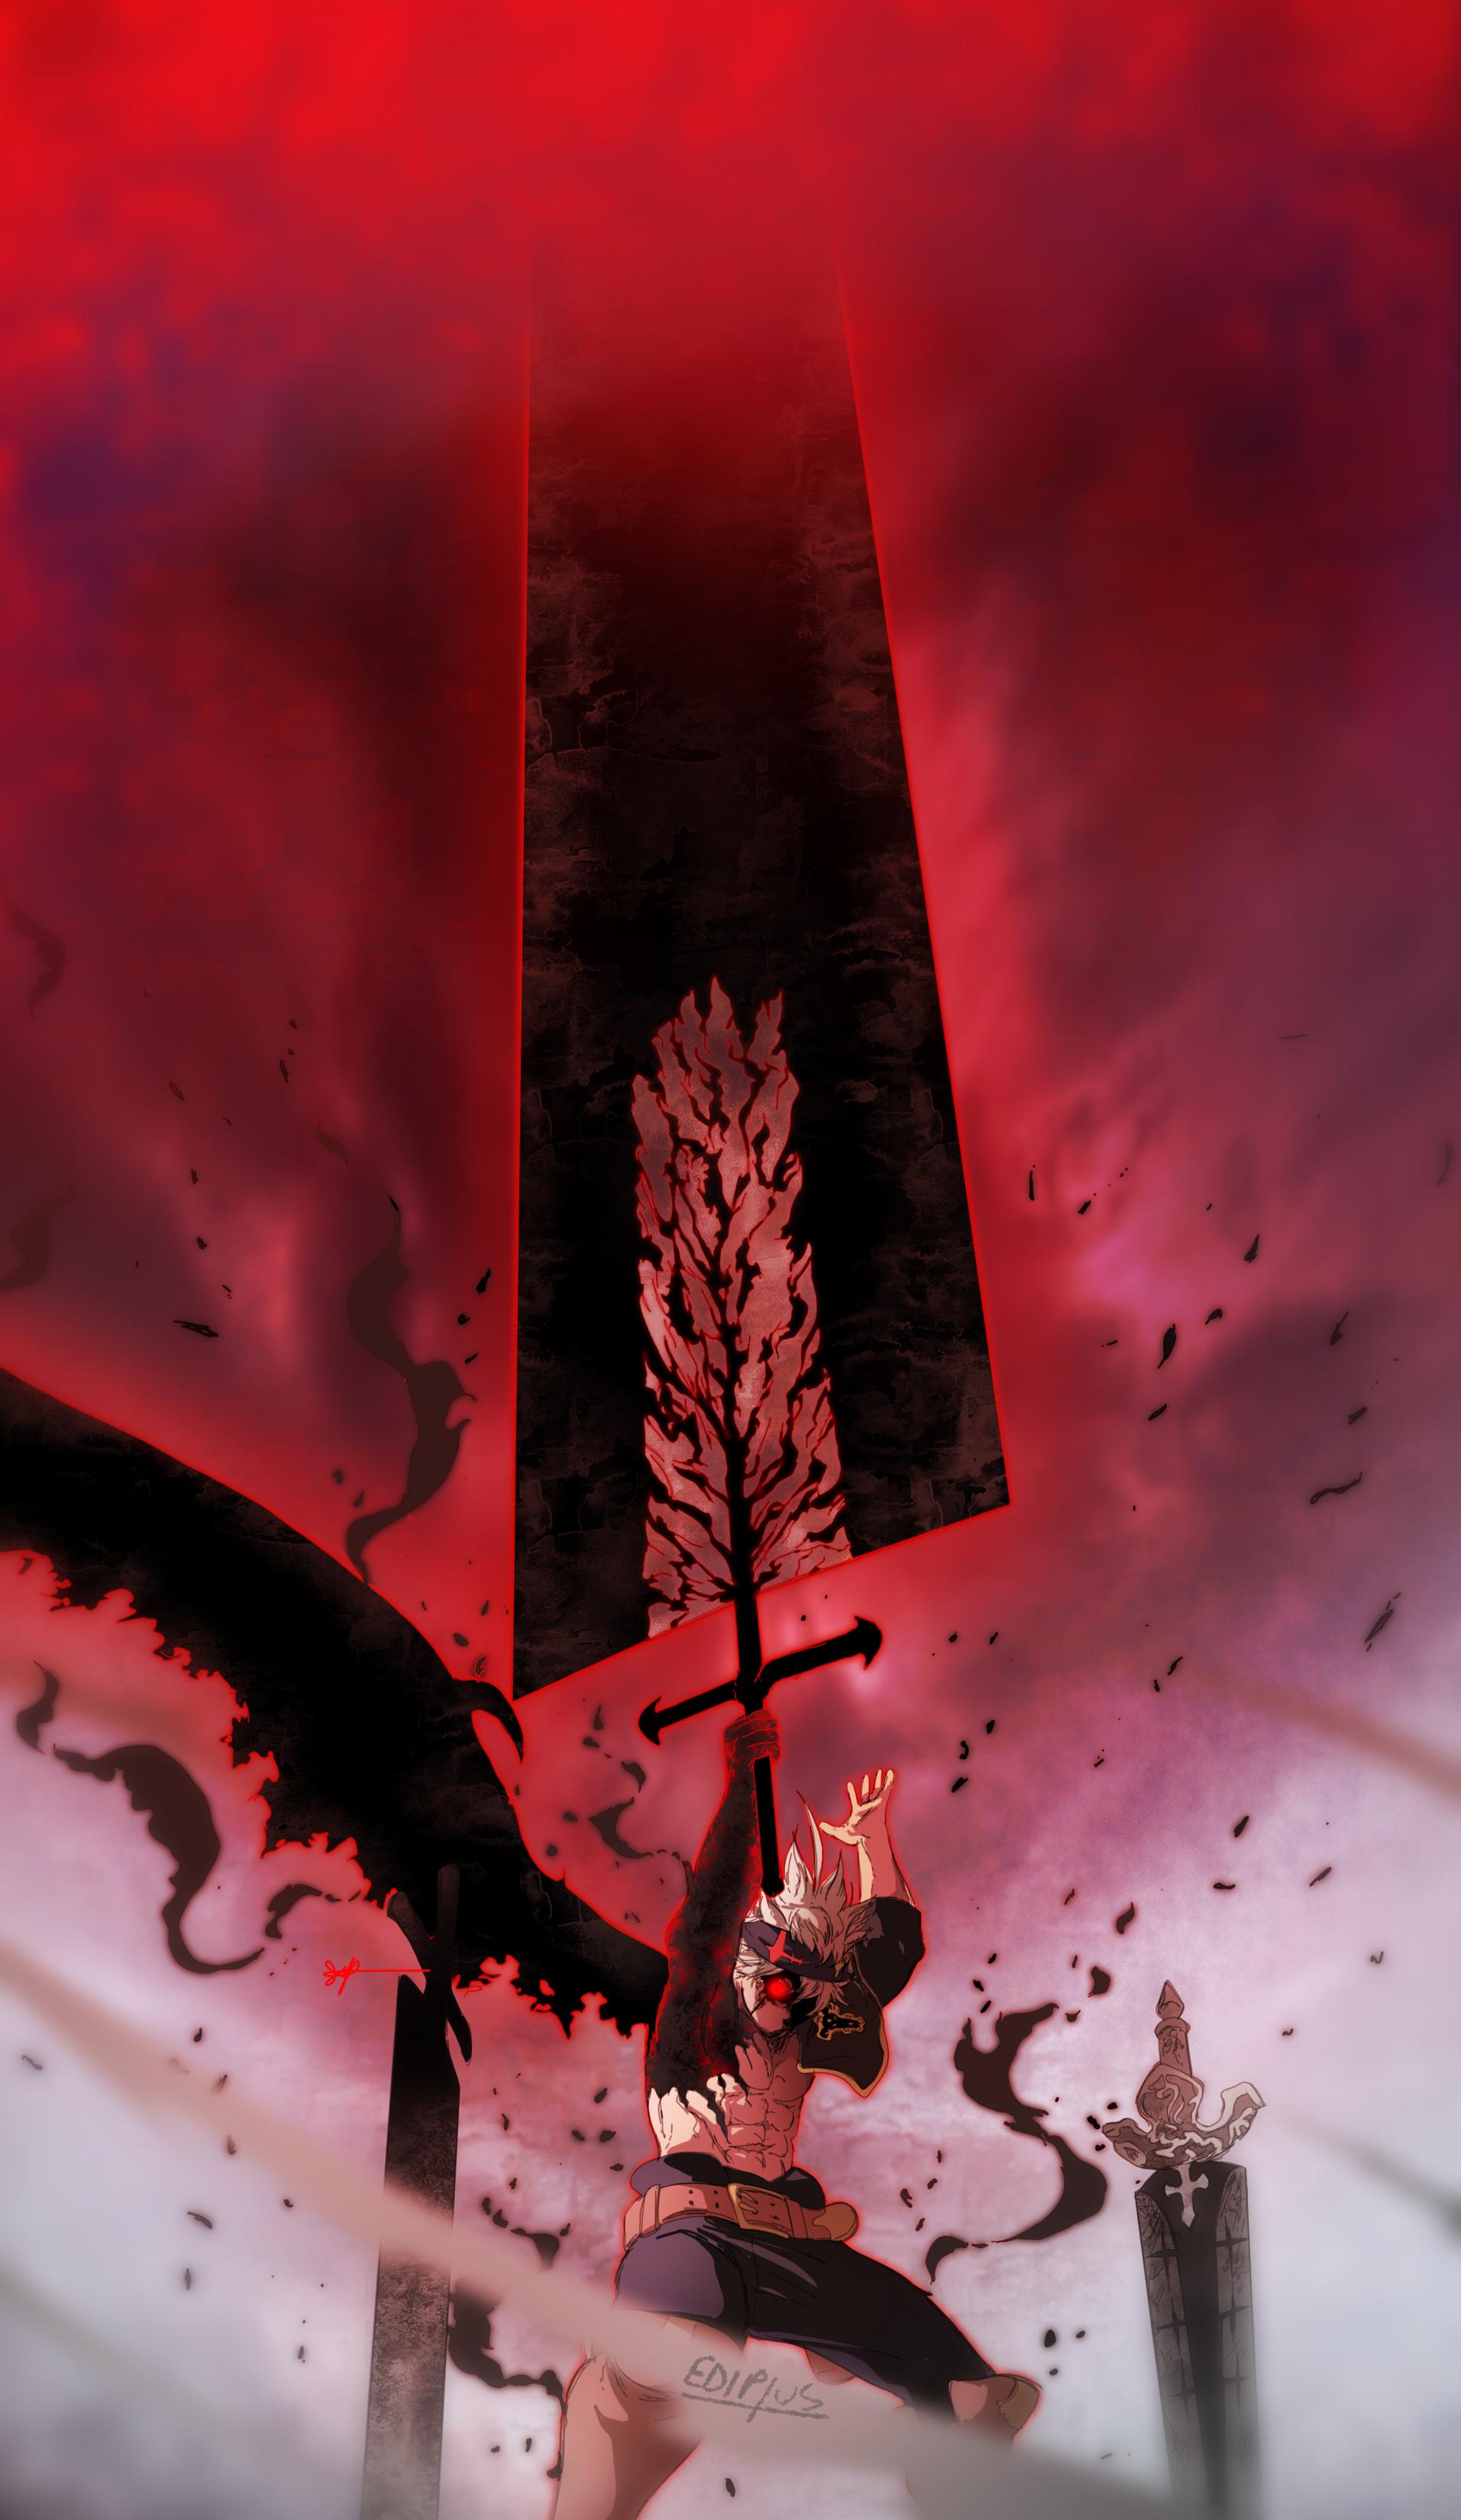 Asta Demon Black Clover 230 By Ediptus Black Clover Manga Black Clover Anime Anime Wallpaper